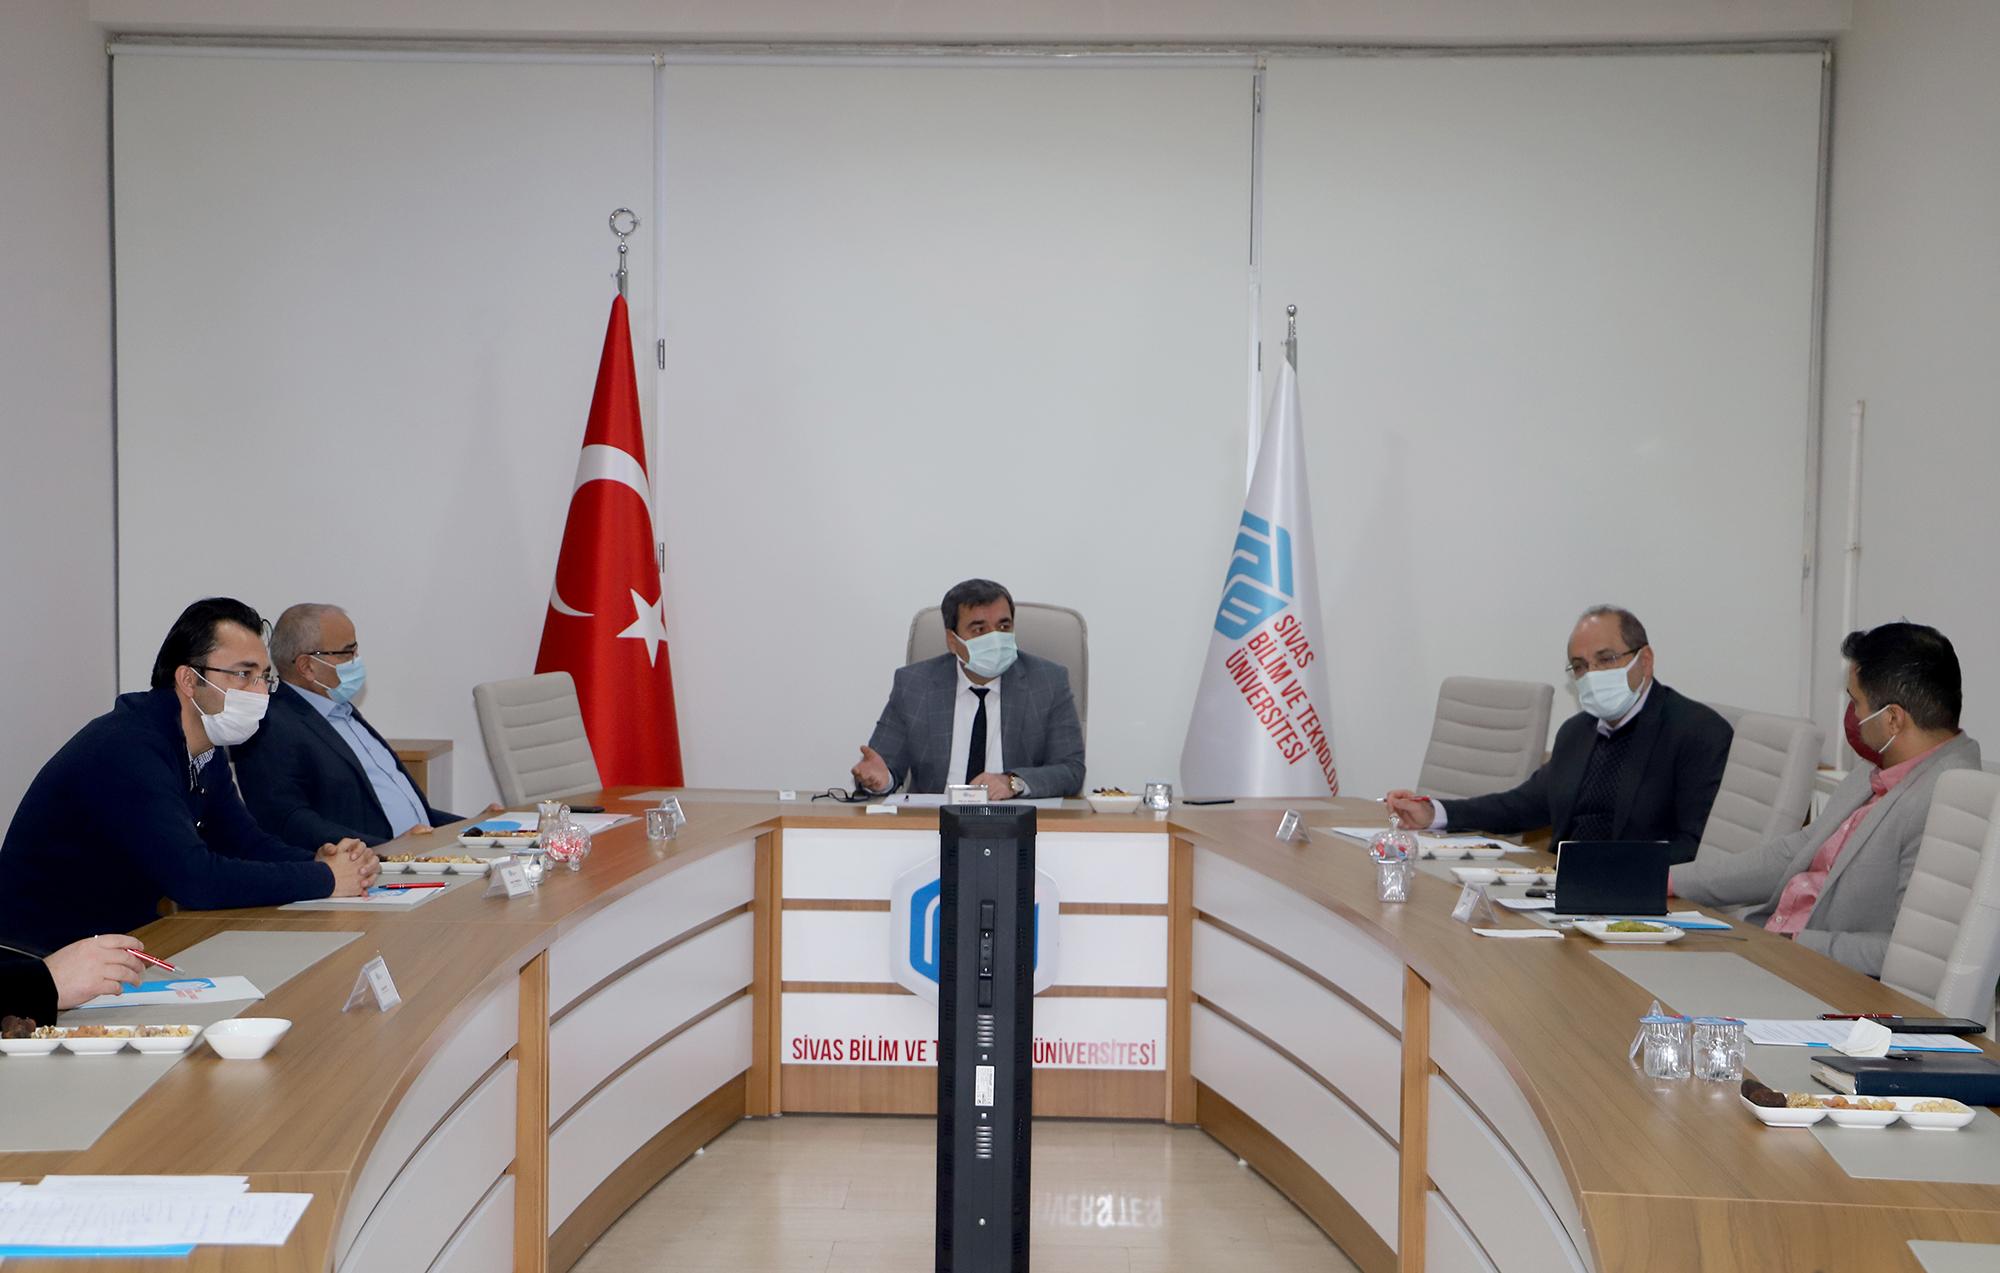 Sanayi Temsilcileriyle Odak Grup Çalışması Toplantısı Gerçekleştirildi